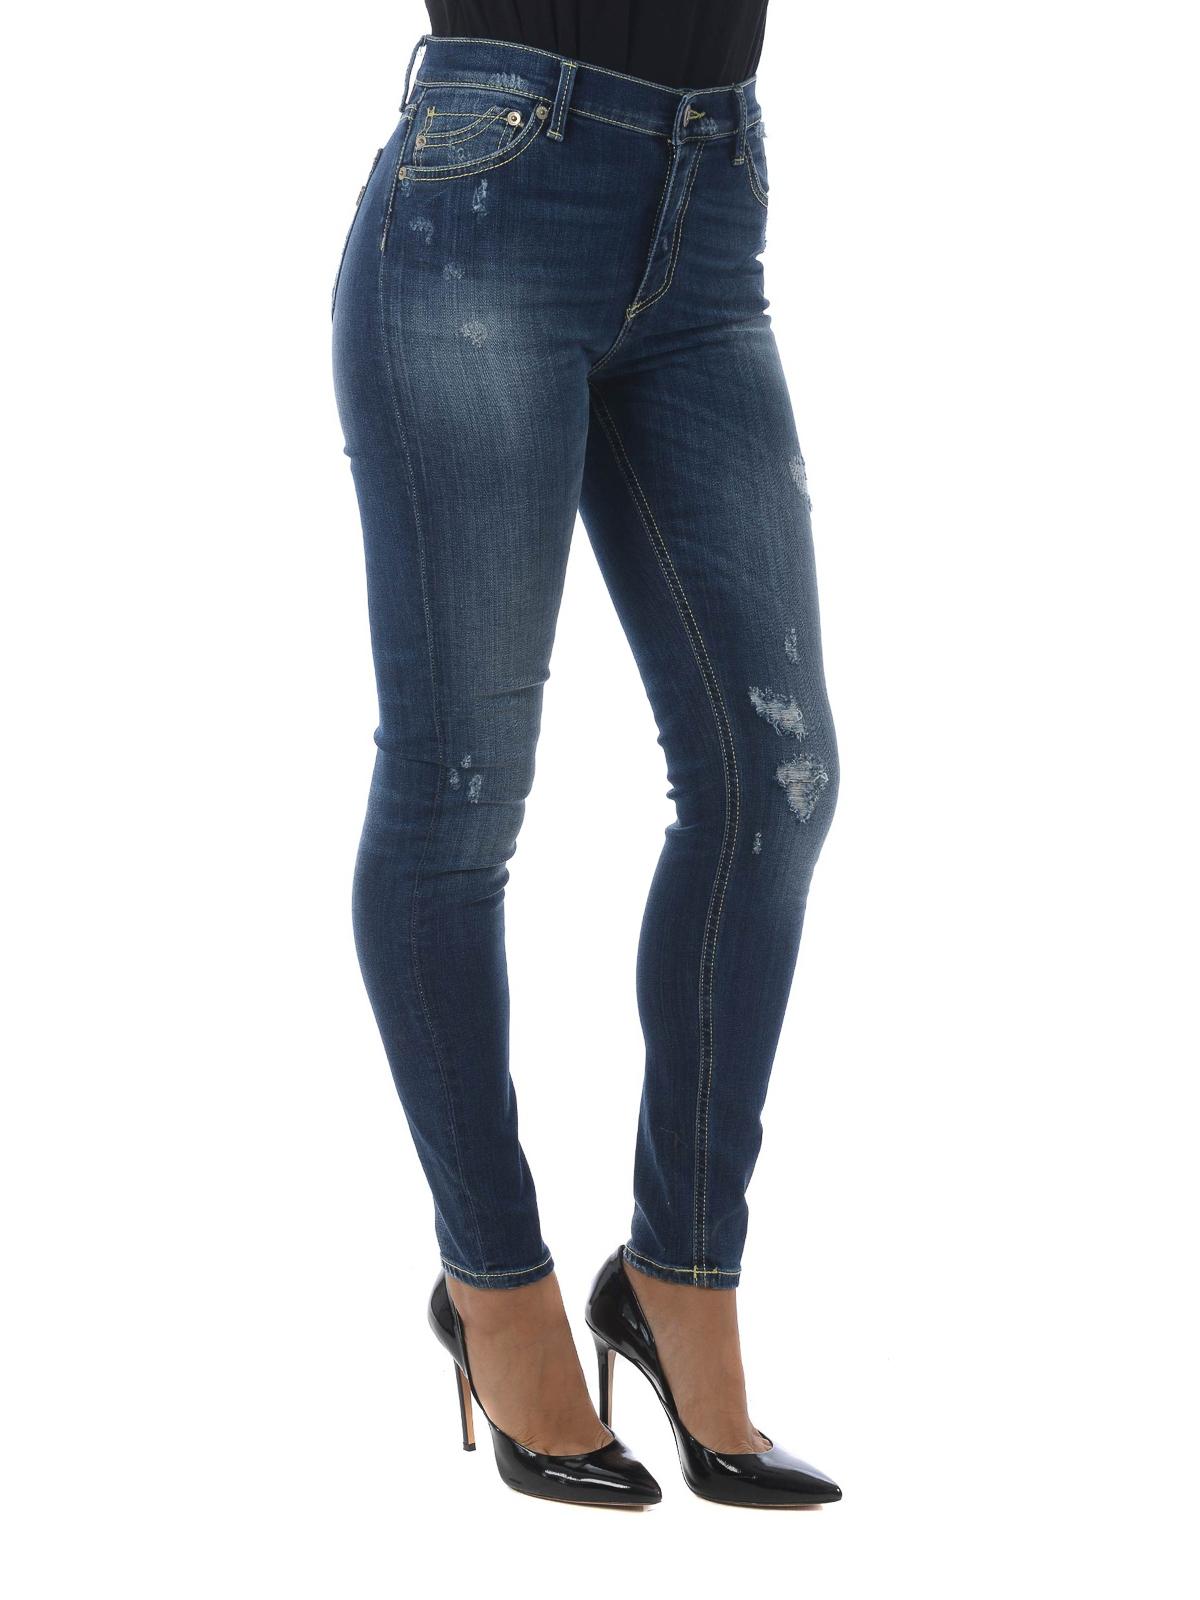 Stone Super Jeans Skinny Dondup Luriel Washed Ikrix qZwRXBn